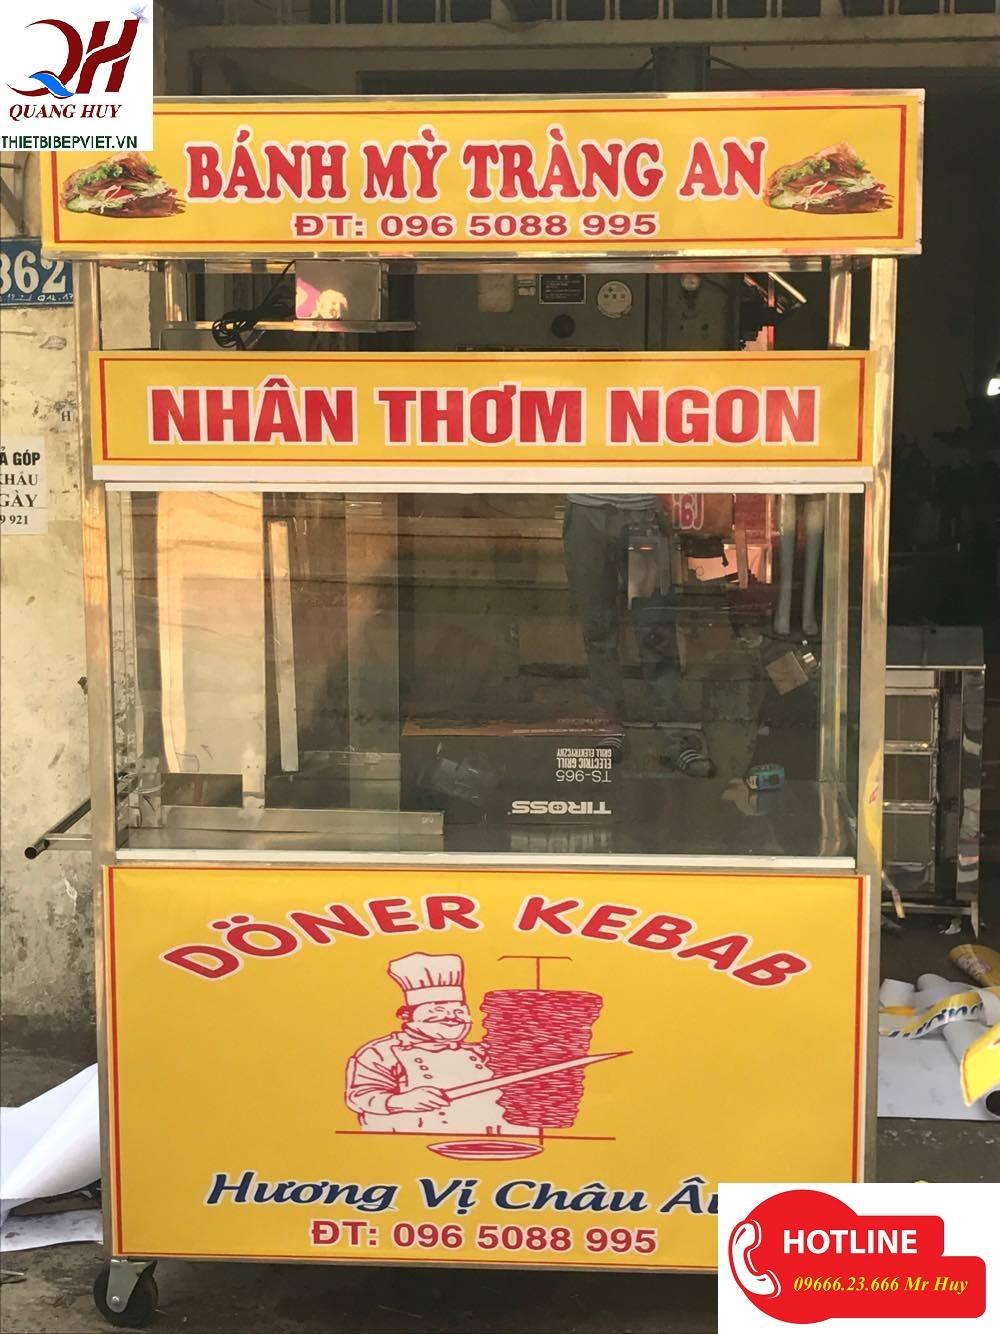 xe bánh mì kebab mẫu mới của quang huy